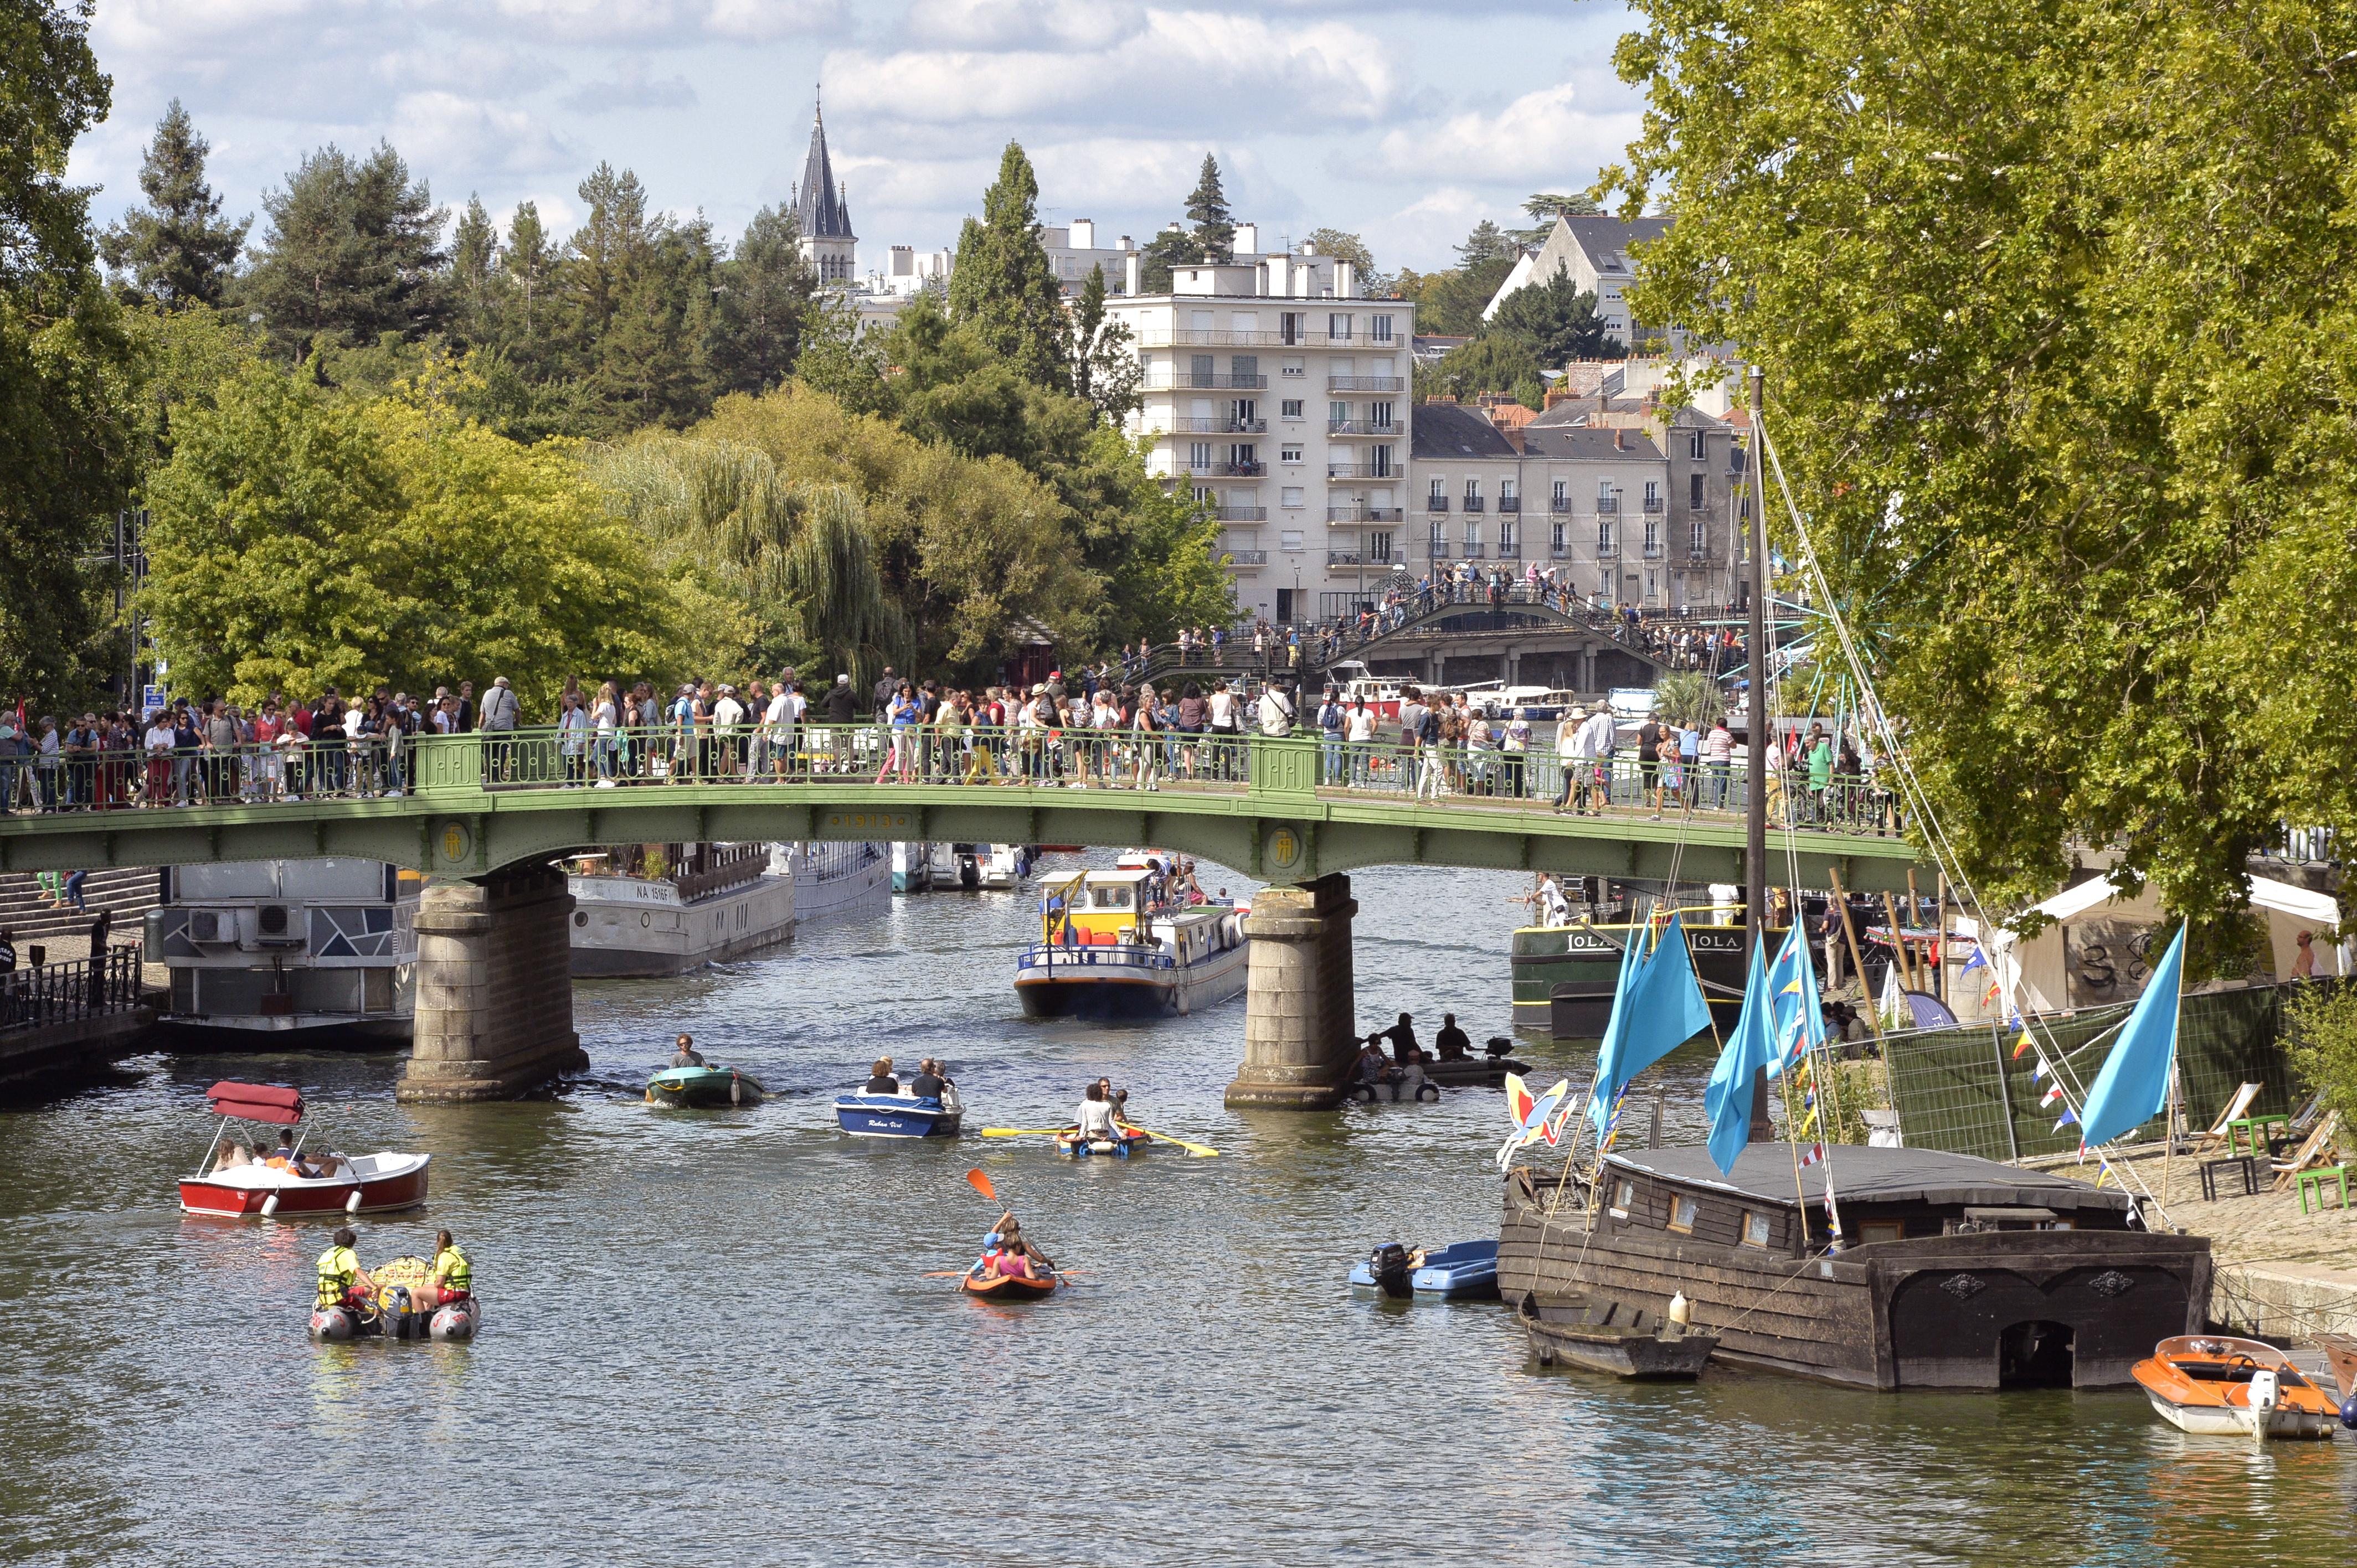 Les Rendez-vous de l'Erdre festival jazz musique et belle plaisance rivière pont Saint-Mihiel bassin Ceineray bateau patrimoine fluvial culture patrimoine  *** Local Caption *** bestrd